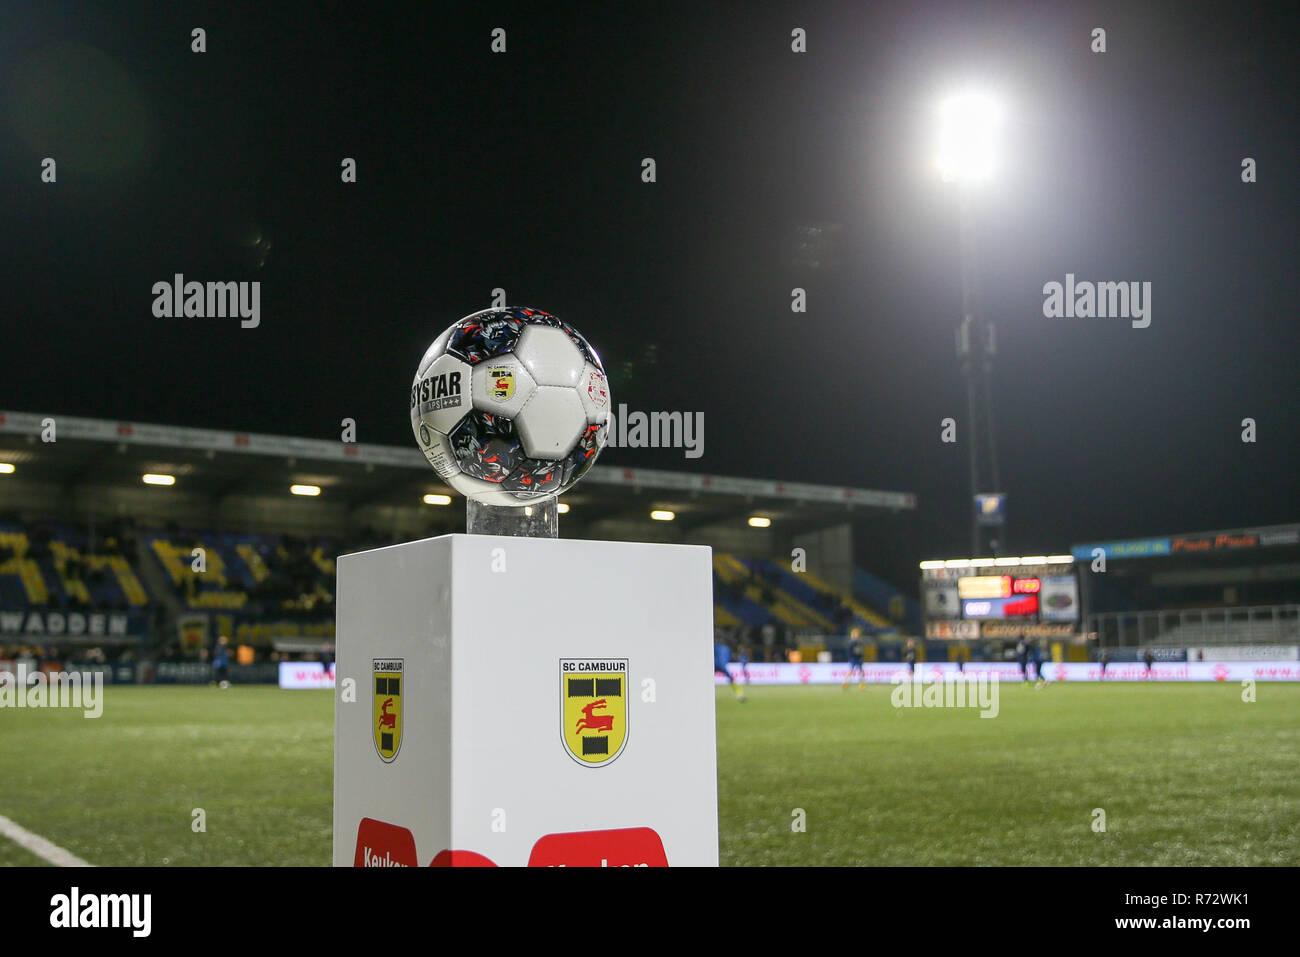 Keuken Kampioen Leeuwarden : Leeuwarden netherlands november soccer dutch keuken